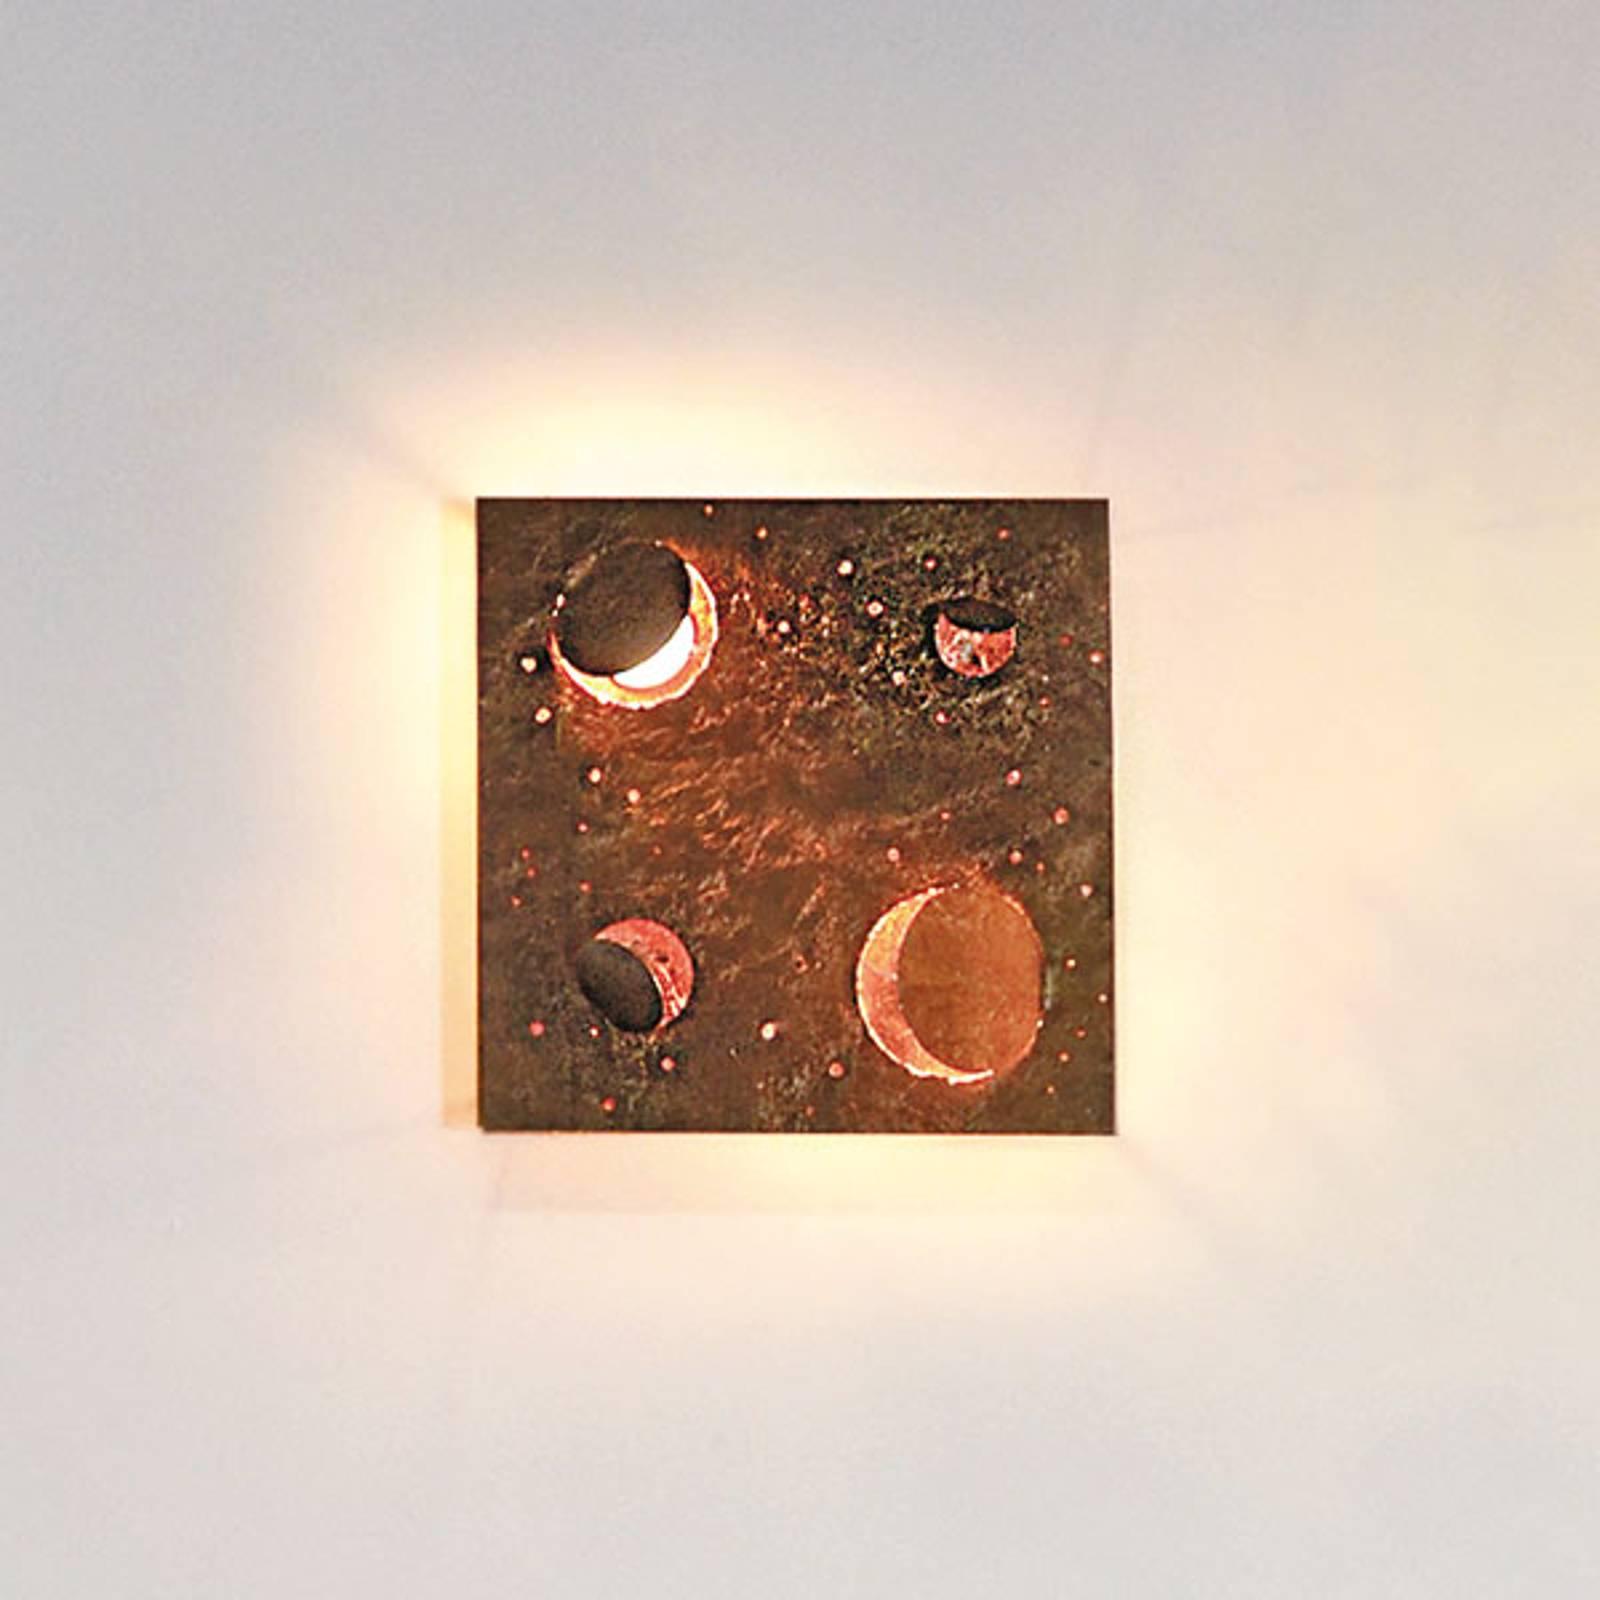 Knikerboker Buchi applique 32x32cm feuille cuivre